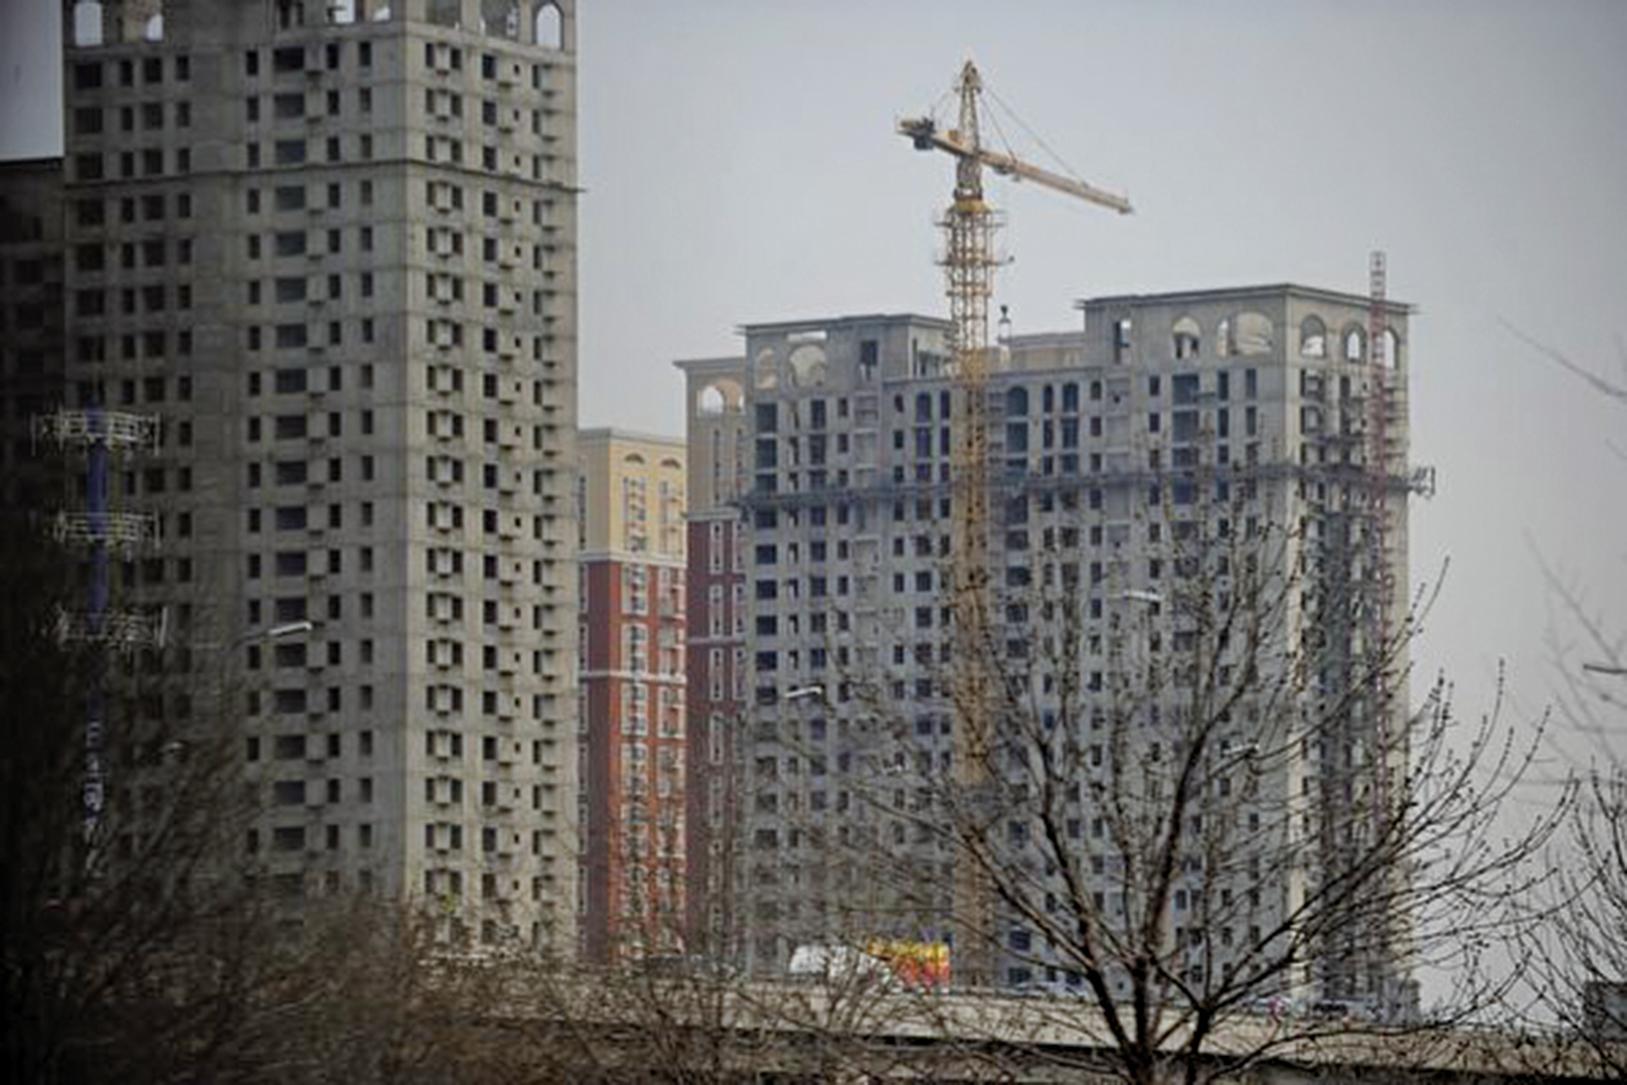 如果房價得不到抑制,可能會有更嚴厲的樓市調控措施出台。(WANG ZHAO/AFP)